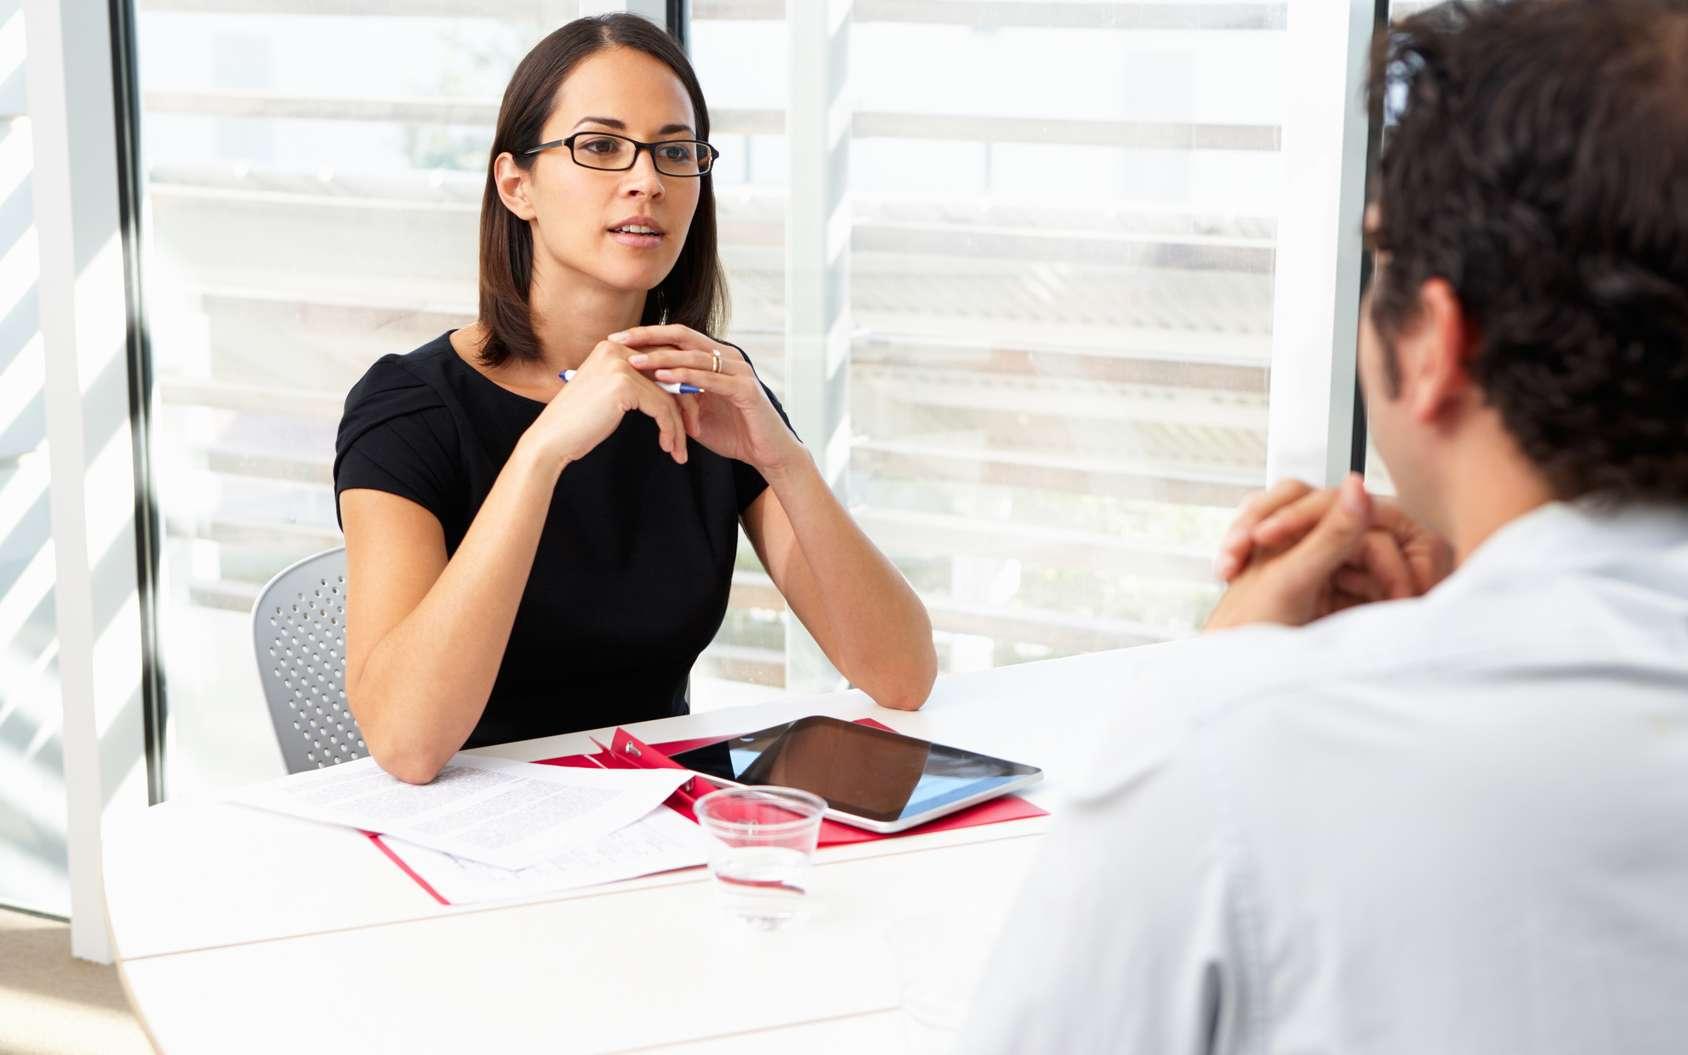 Ces astuces pour réussir votre entretien d'embauche selon votre signe du zodiaque